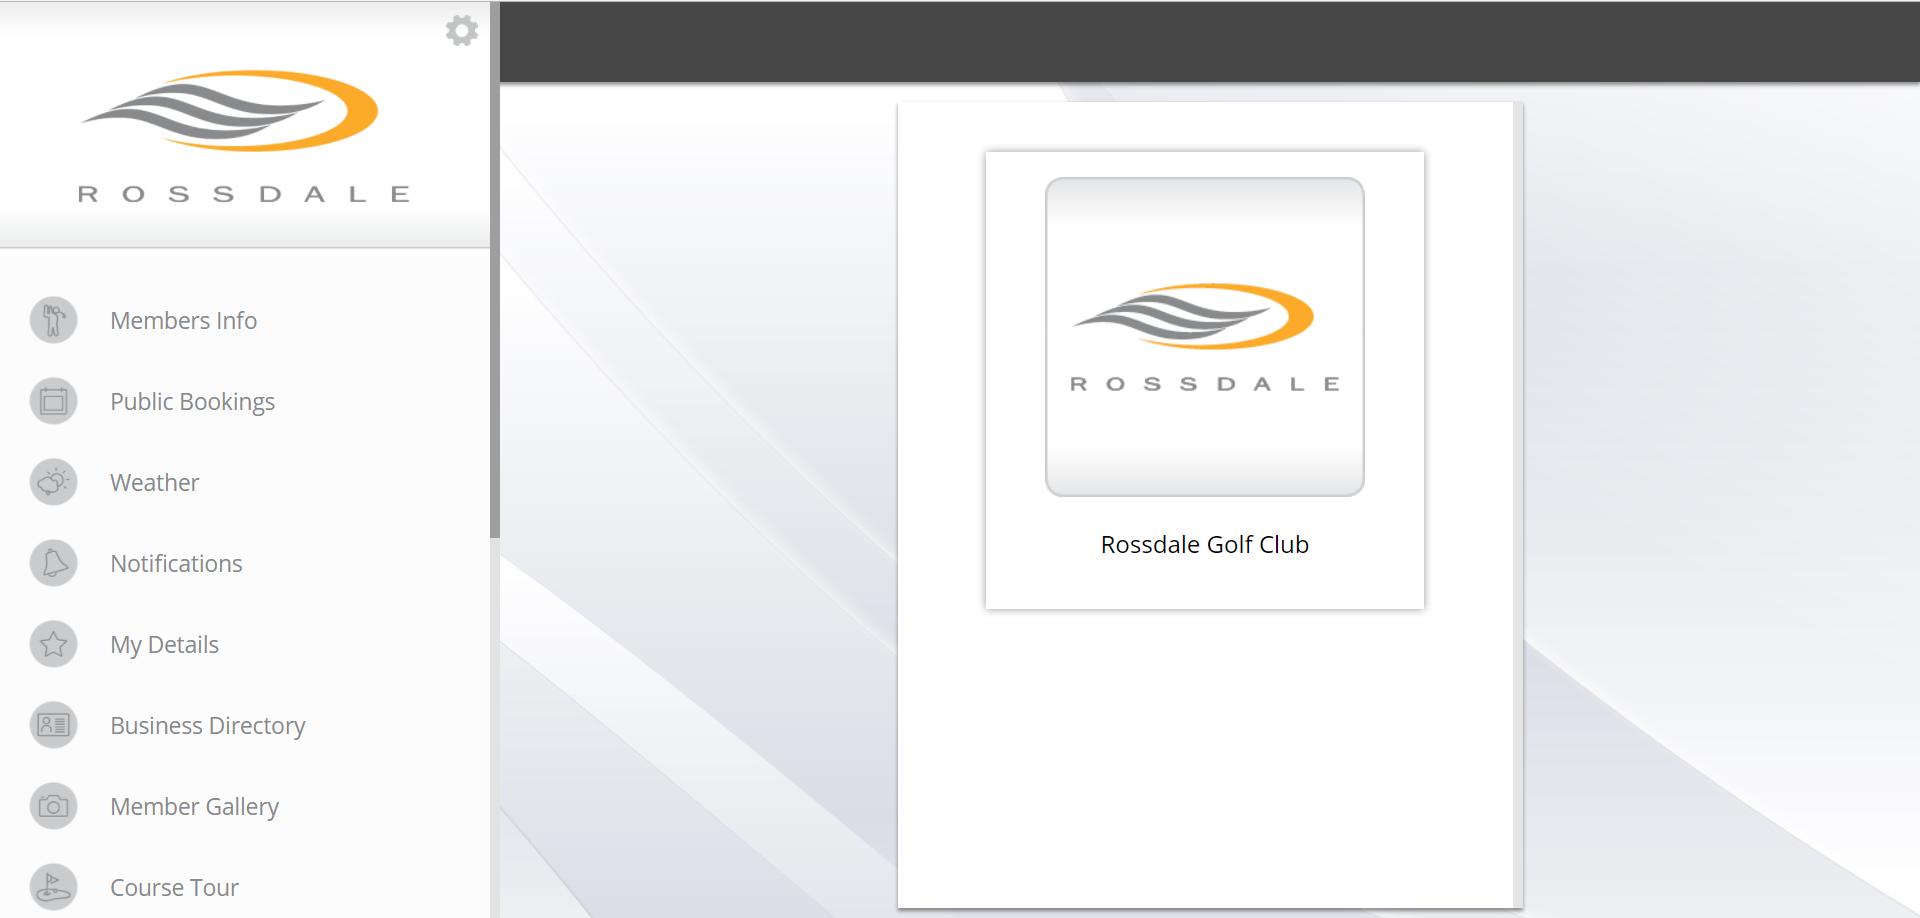 Rossdale web app